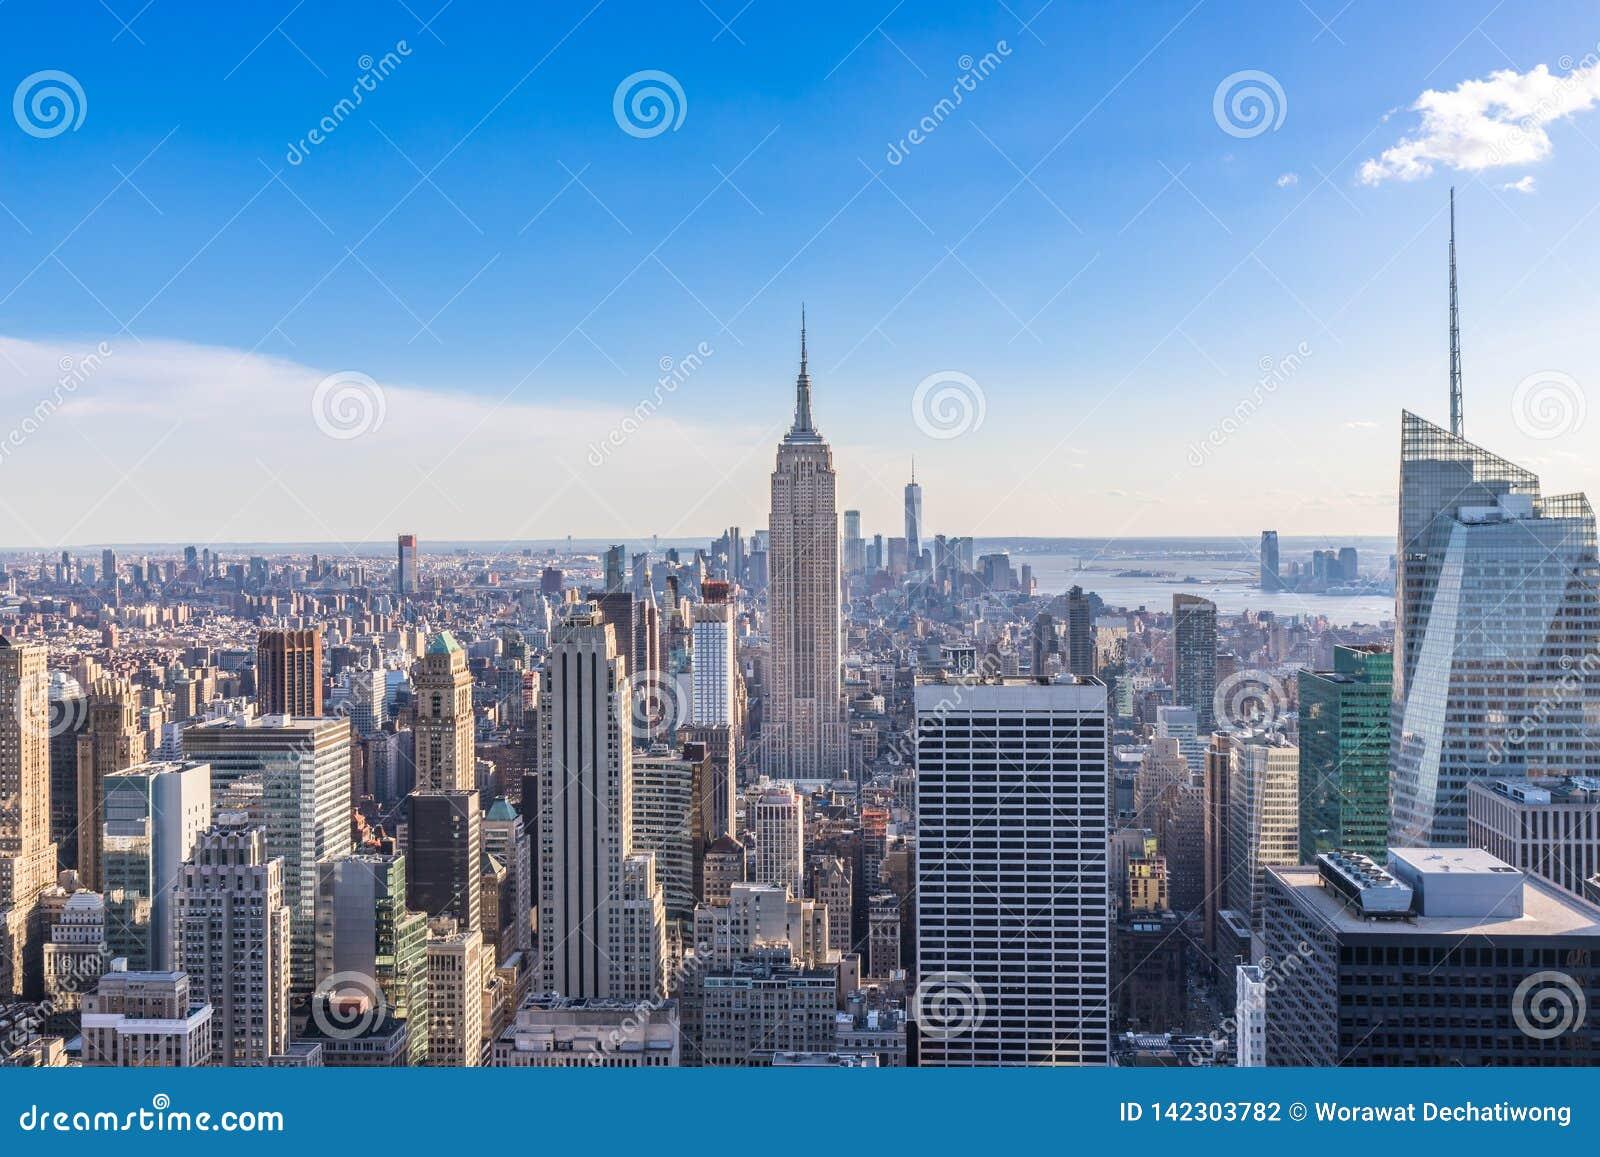 New York City horisont i det Manhattan centret med Empire State Building och skyskrapor på solig dag med klar blå himmel USA